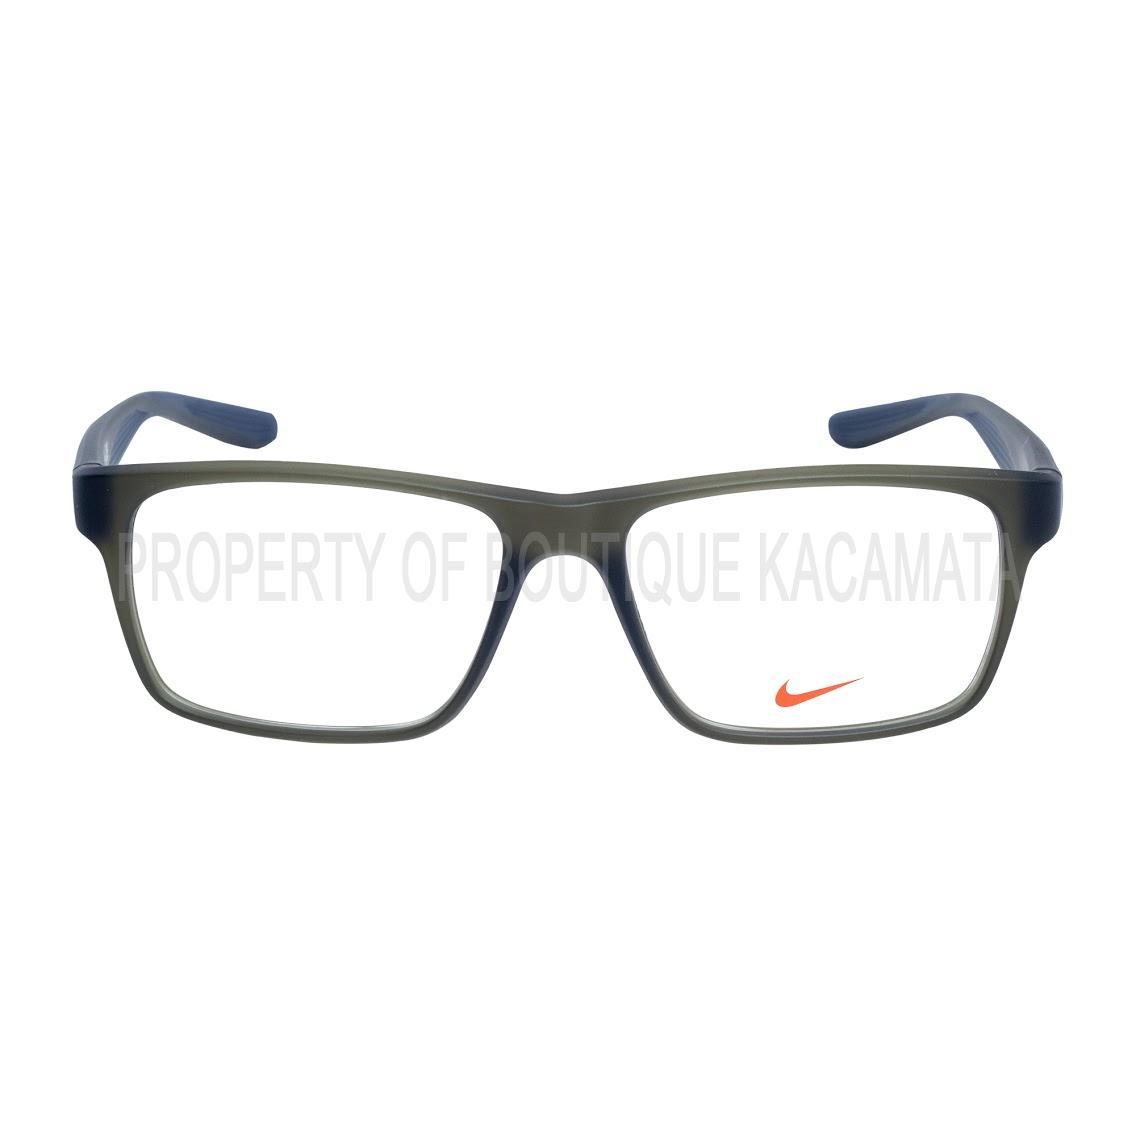 Kacamata Nike Original 7102-310 3ee25e7307